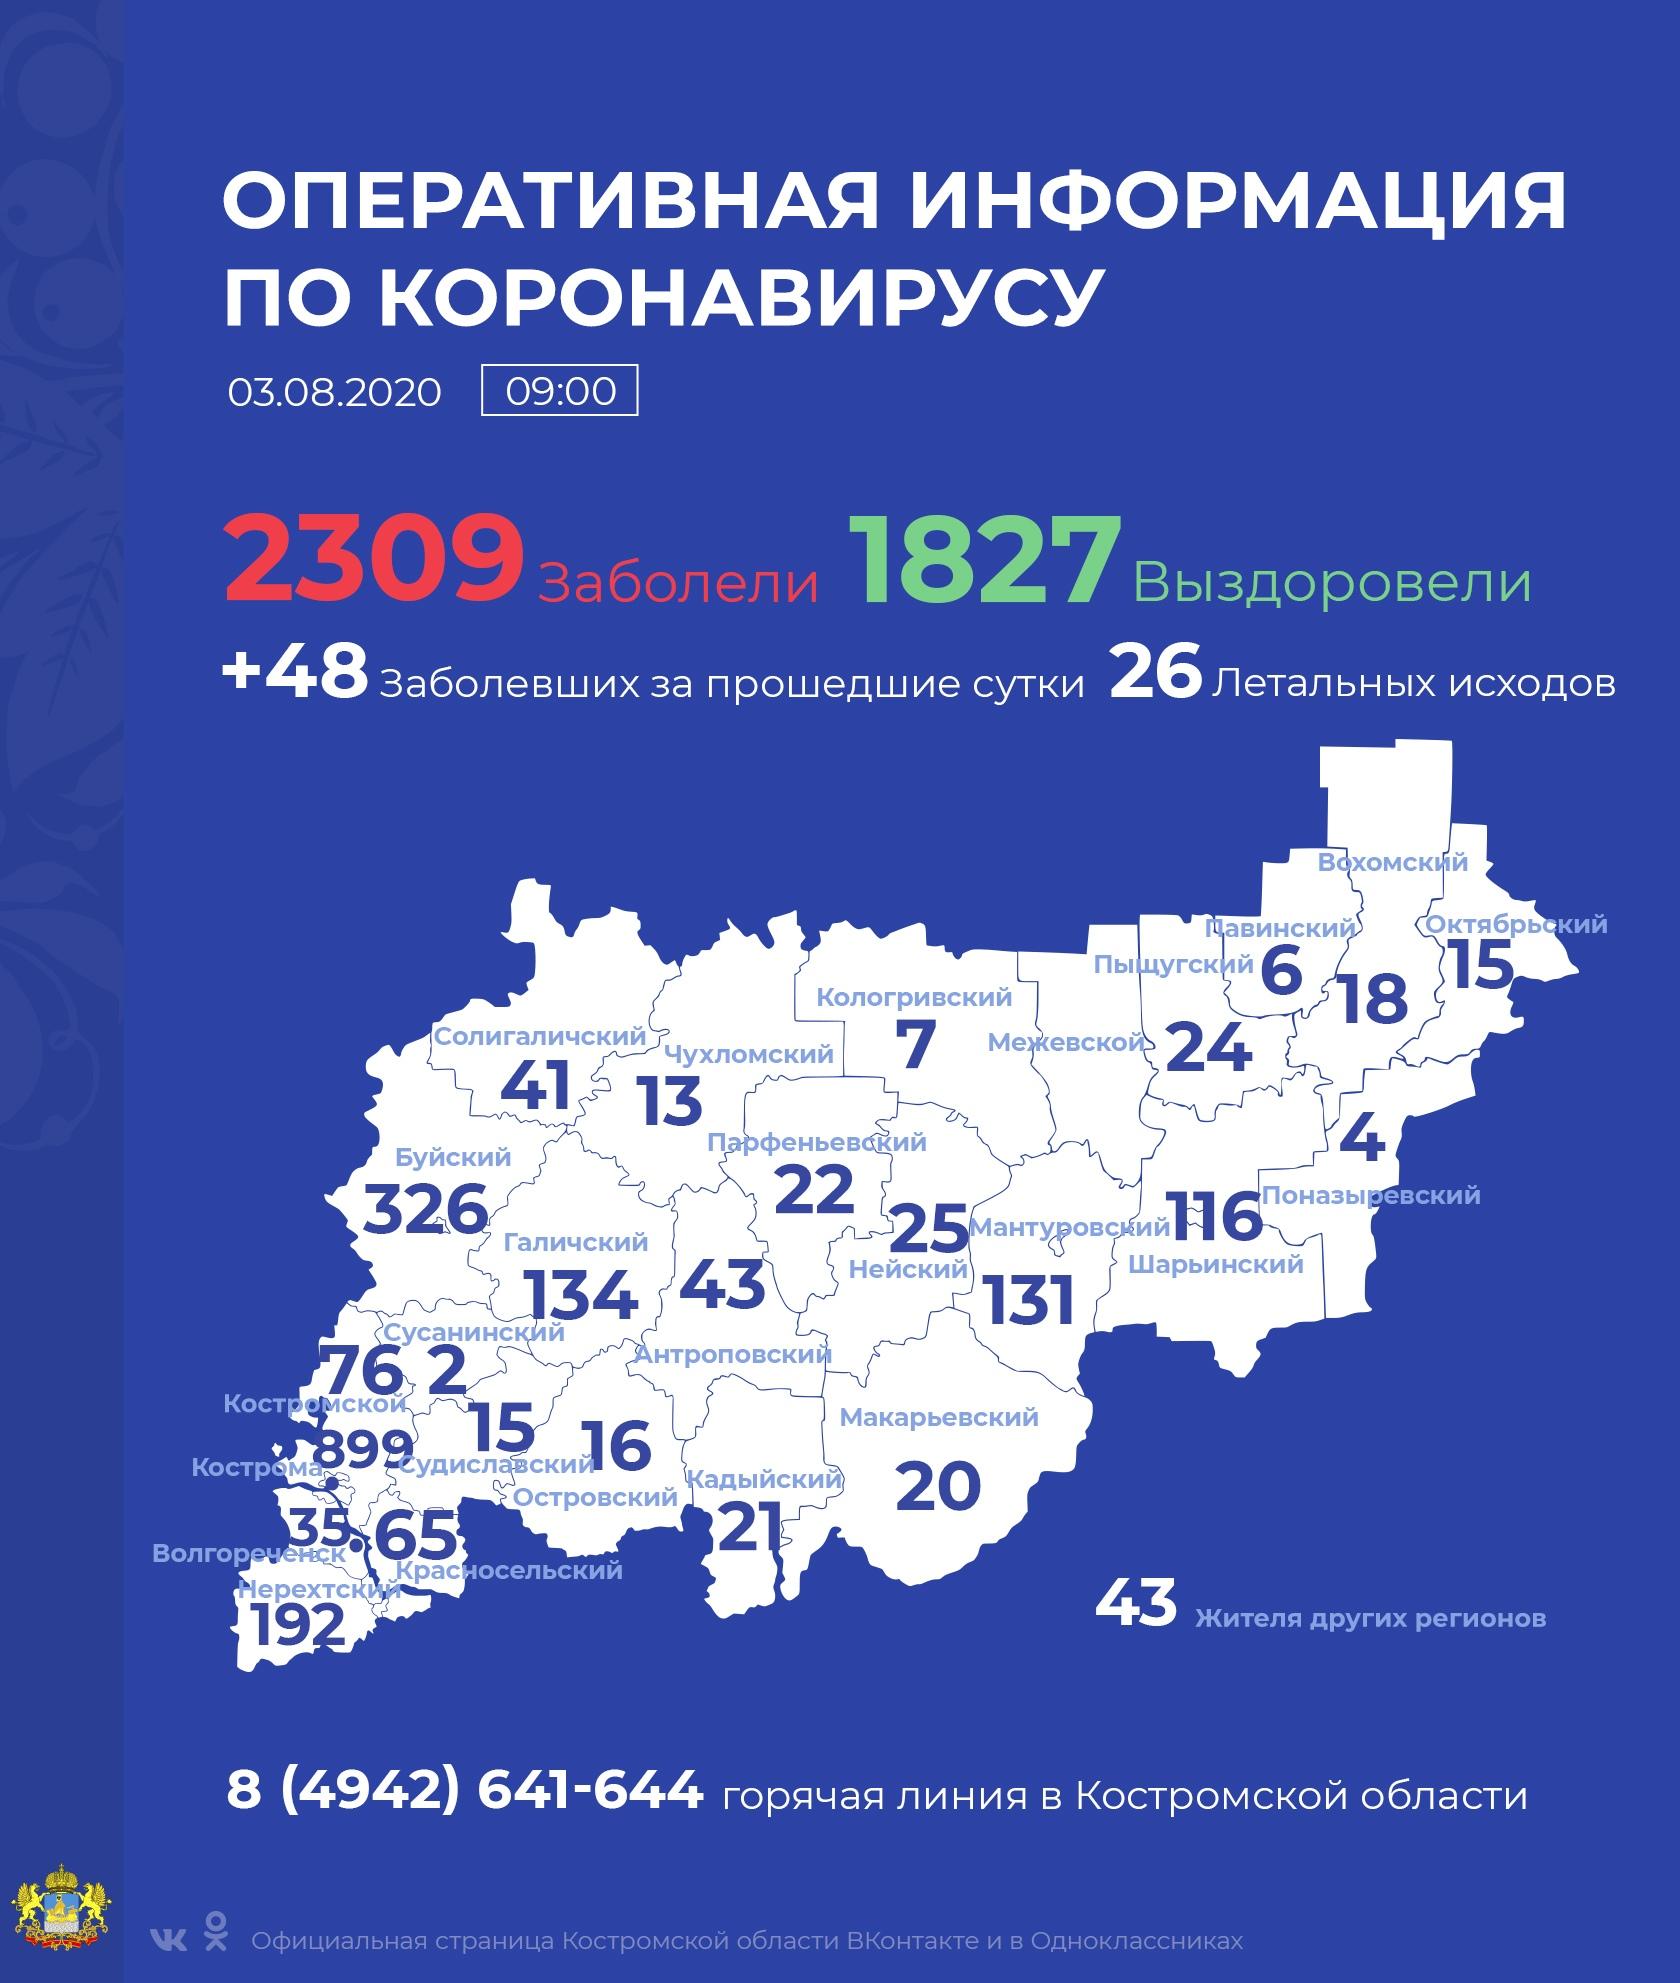 Кострома лидирует по числу инфицированных за последние сутки